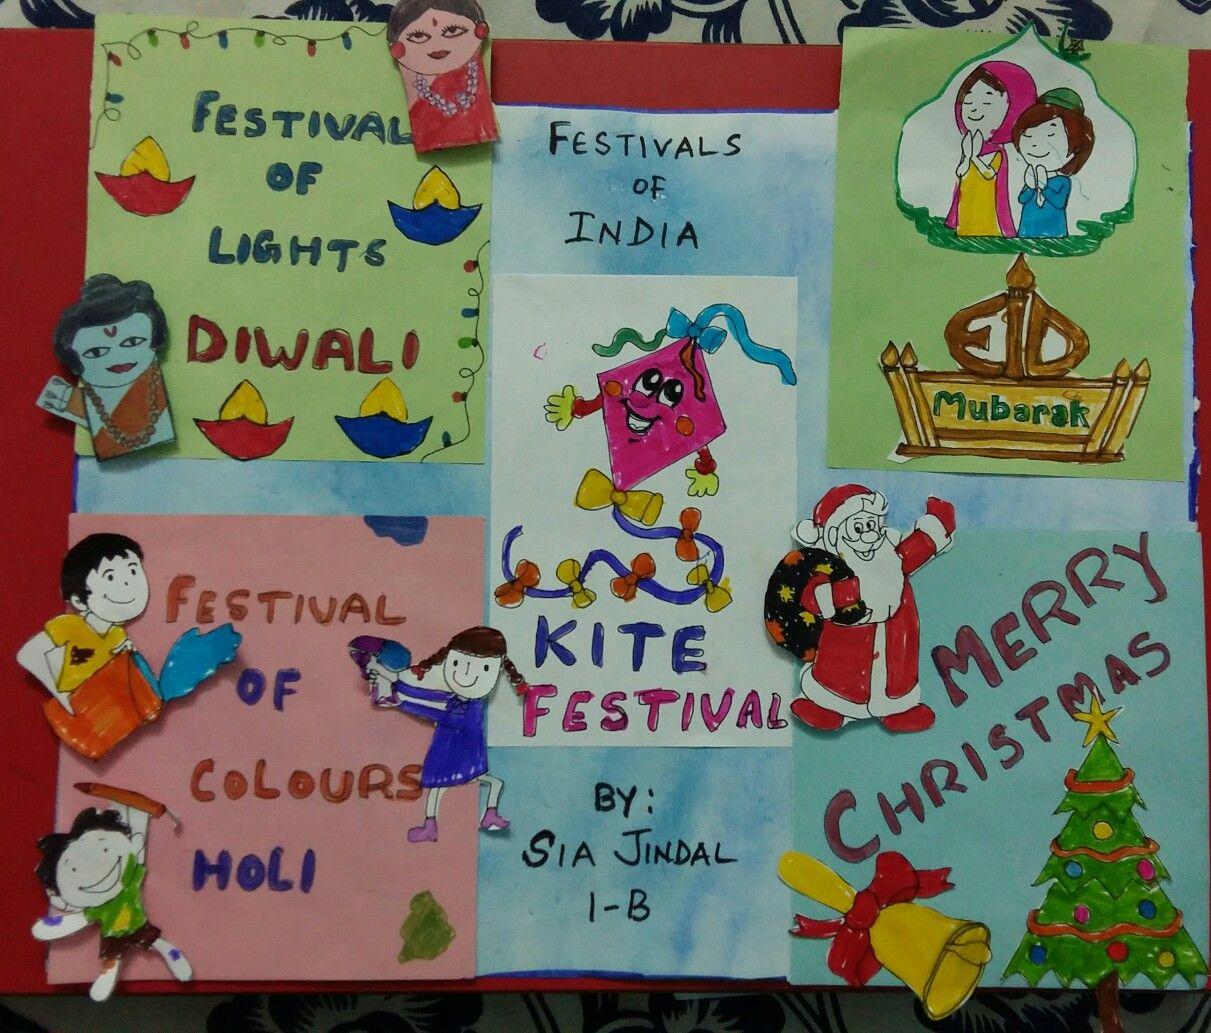 Festivals Of India Collage